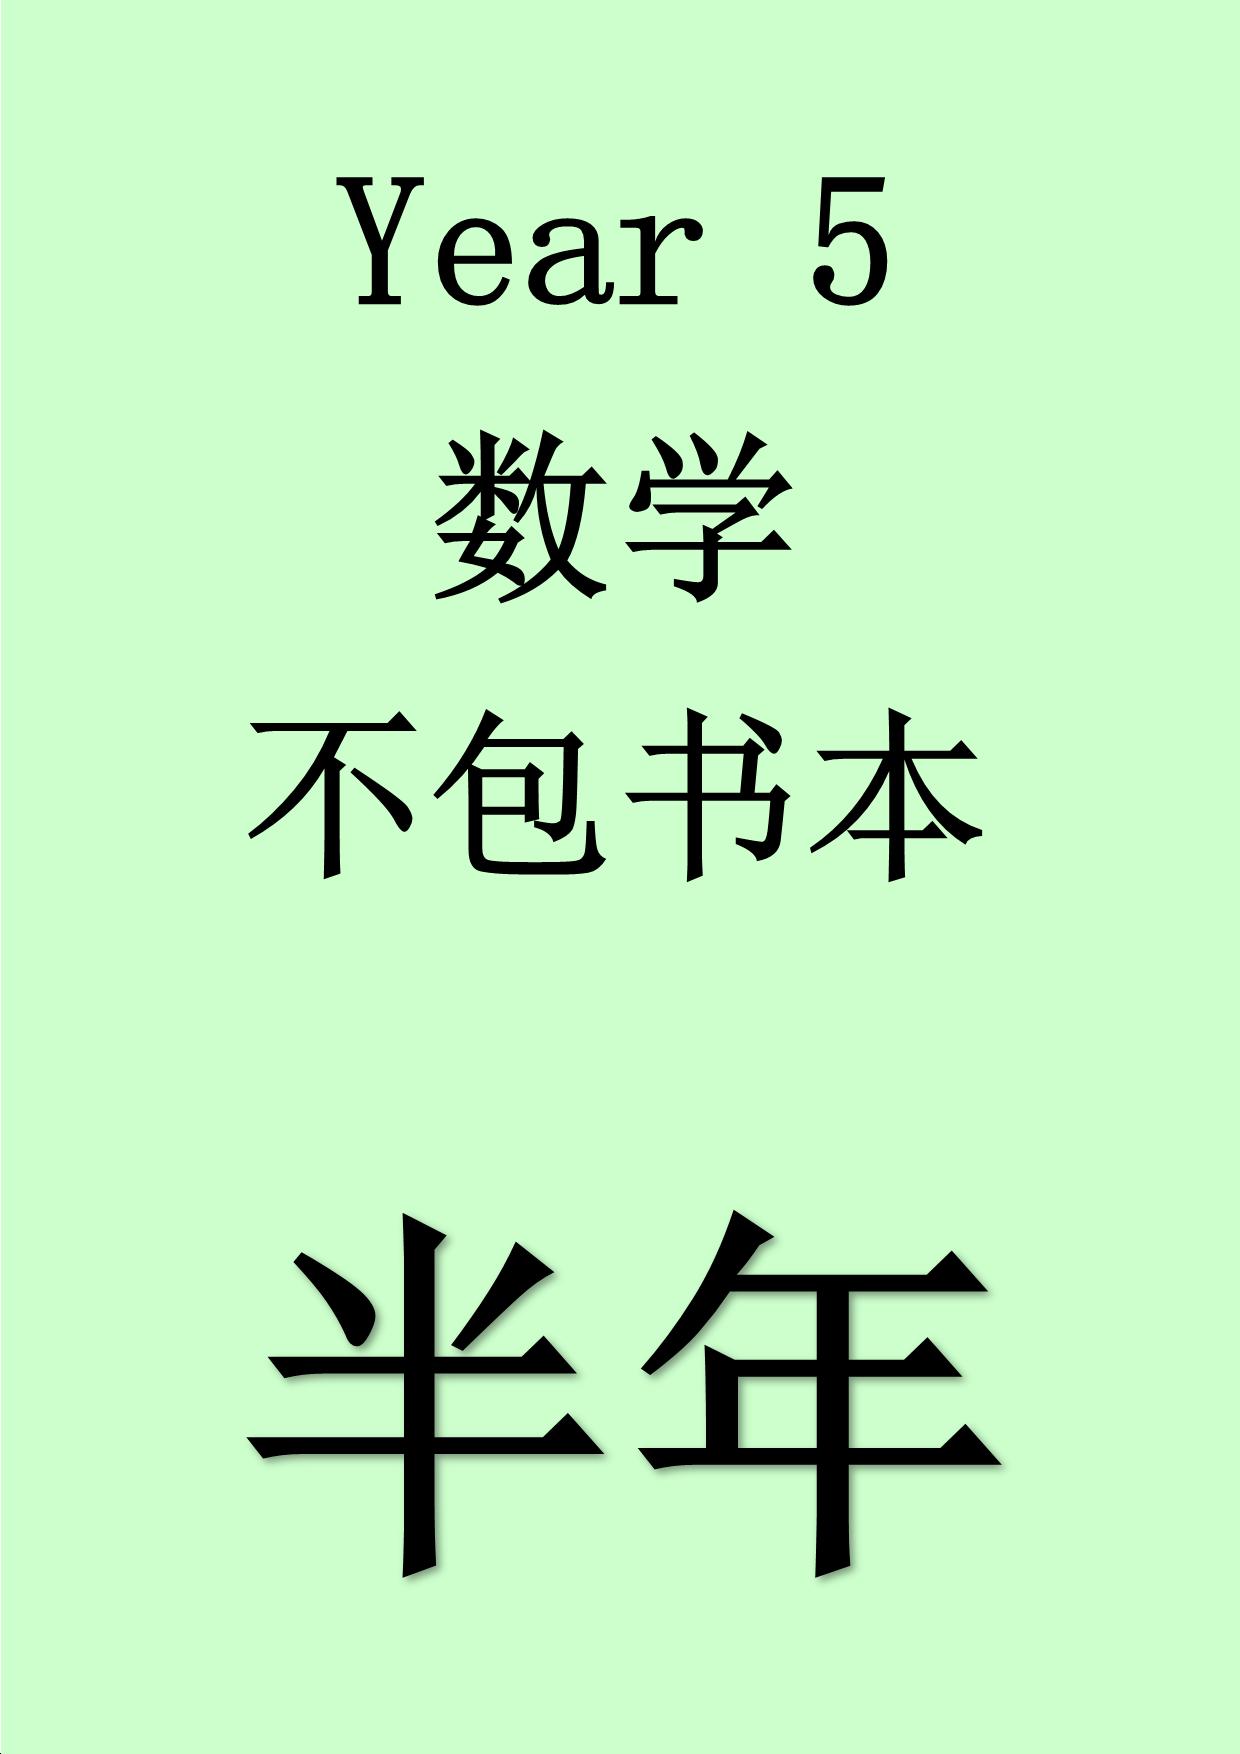 Year 5 Math Half year